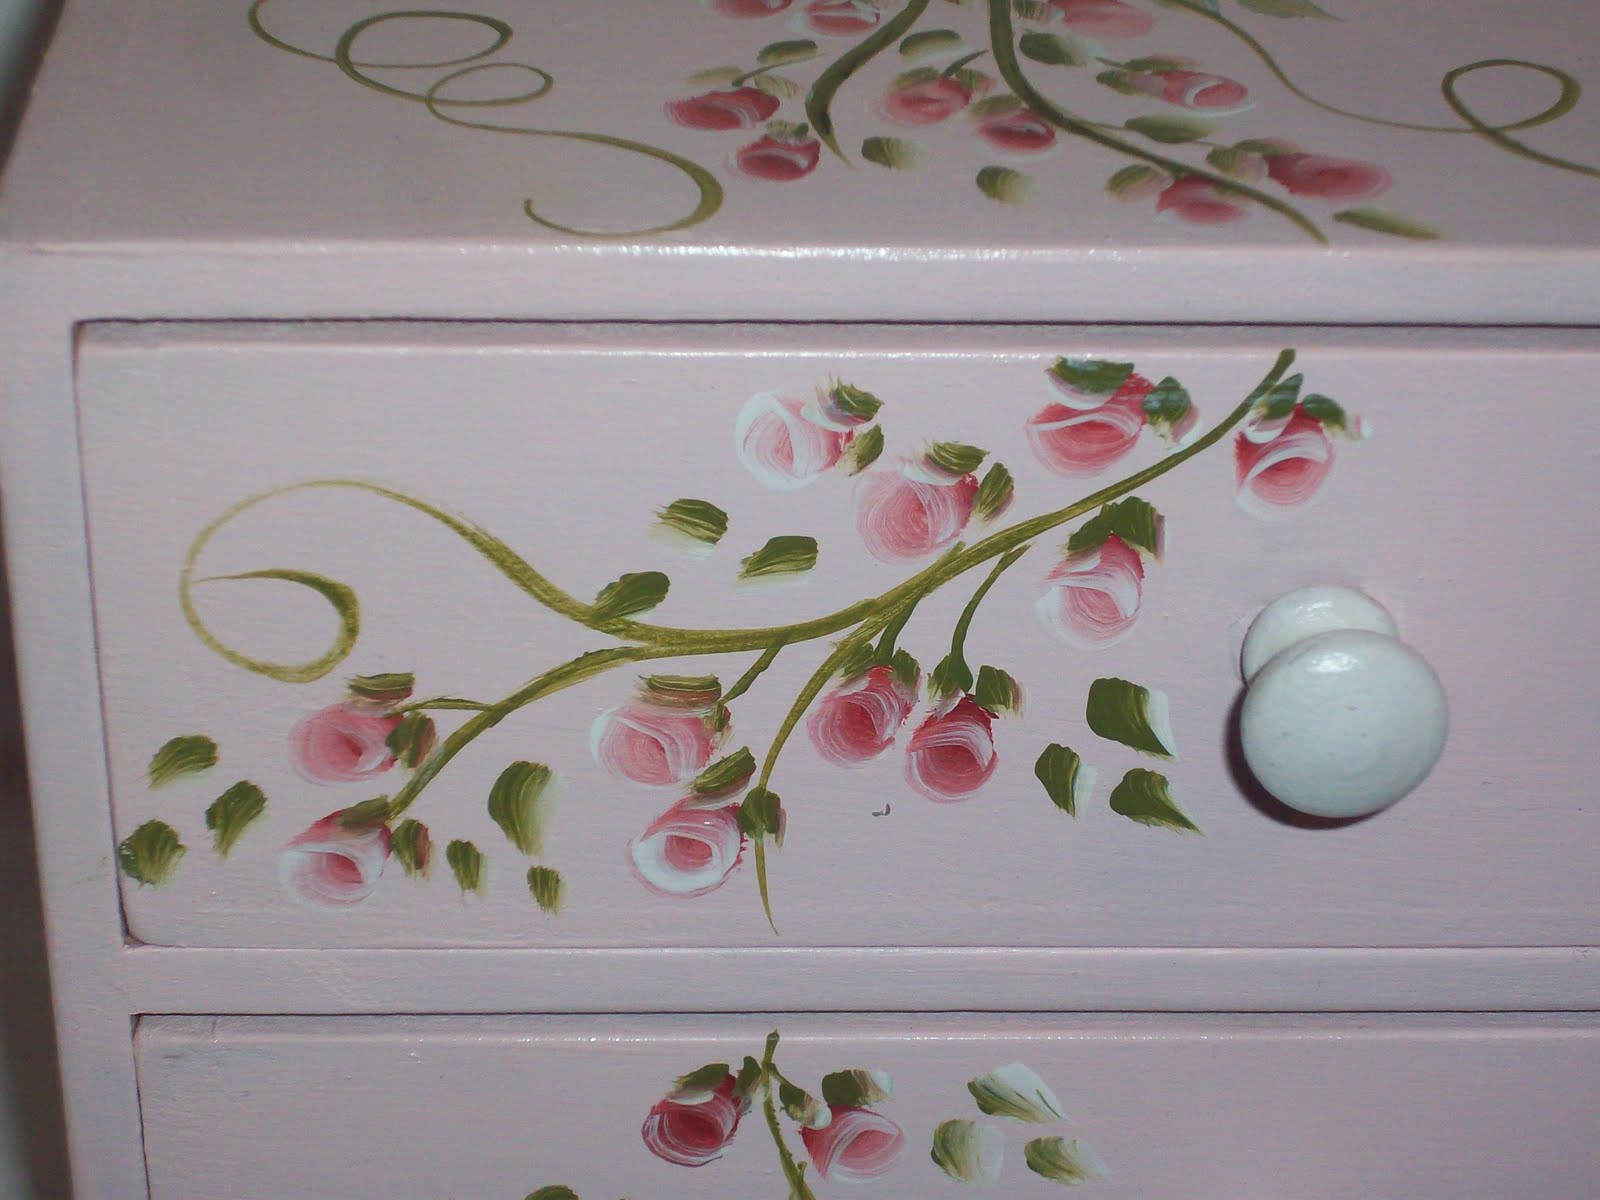 Feli y sus pinturas pintura sobre madera - Pintura para lacar madera ...